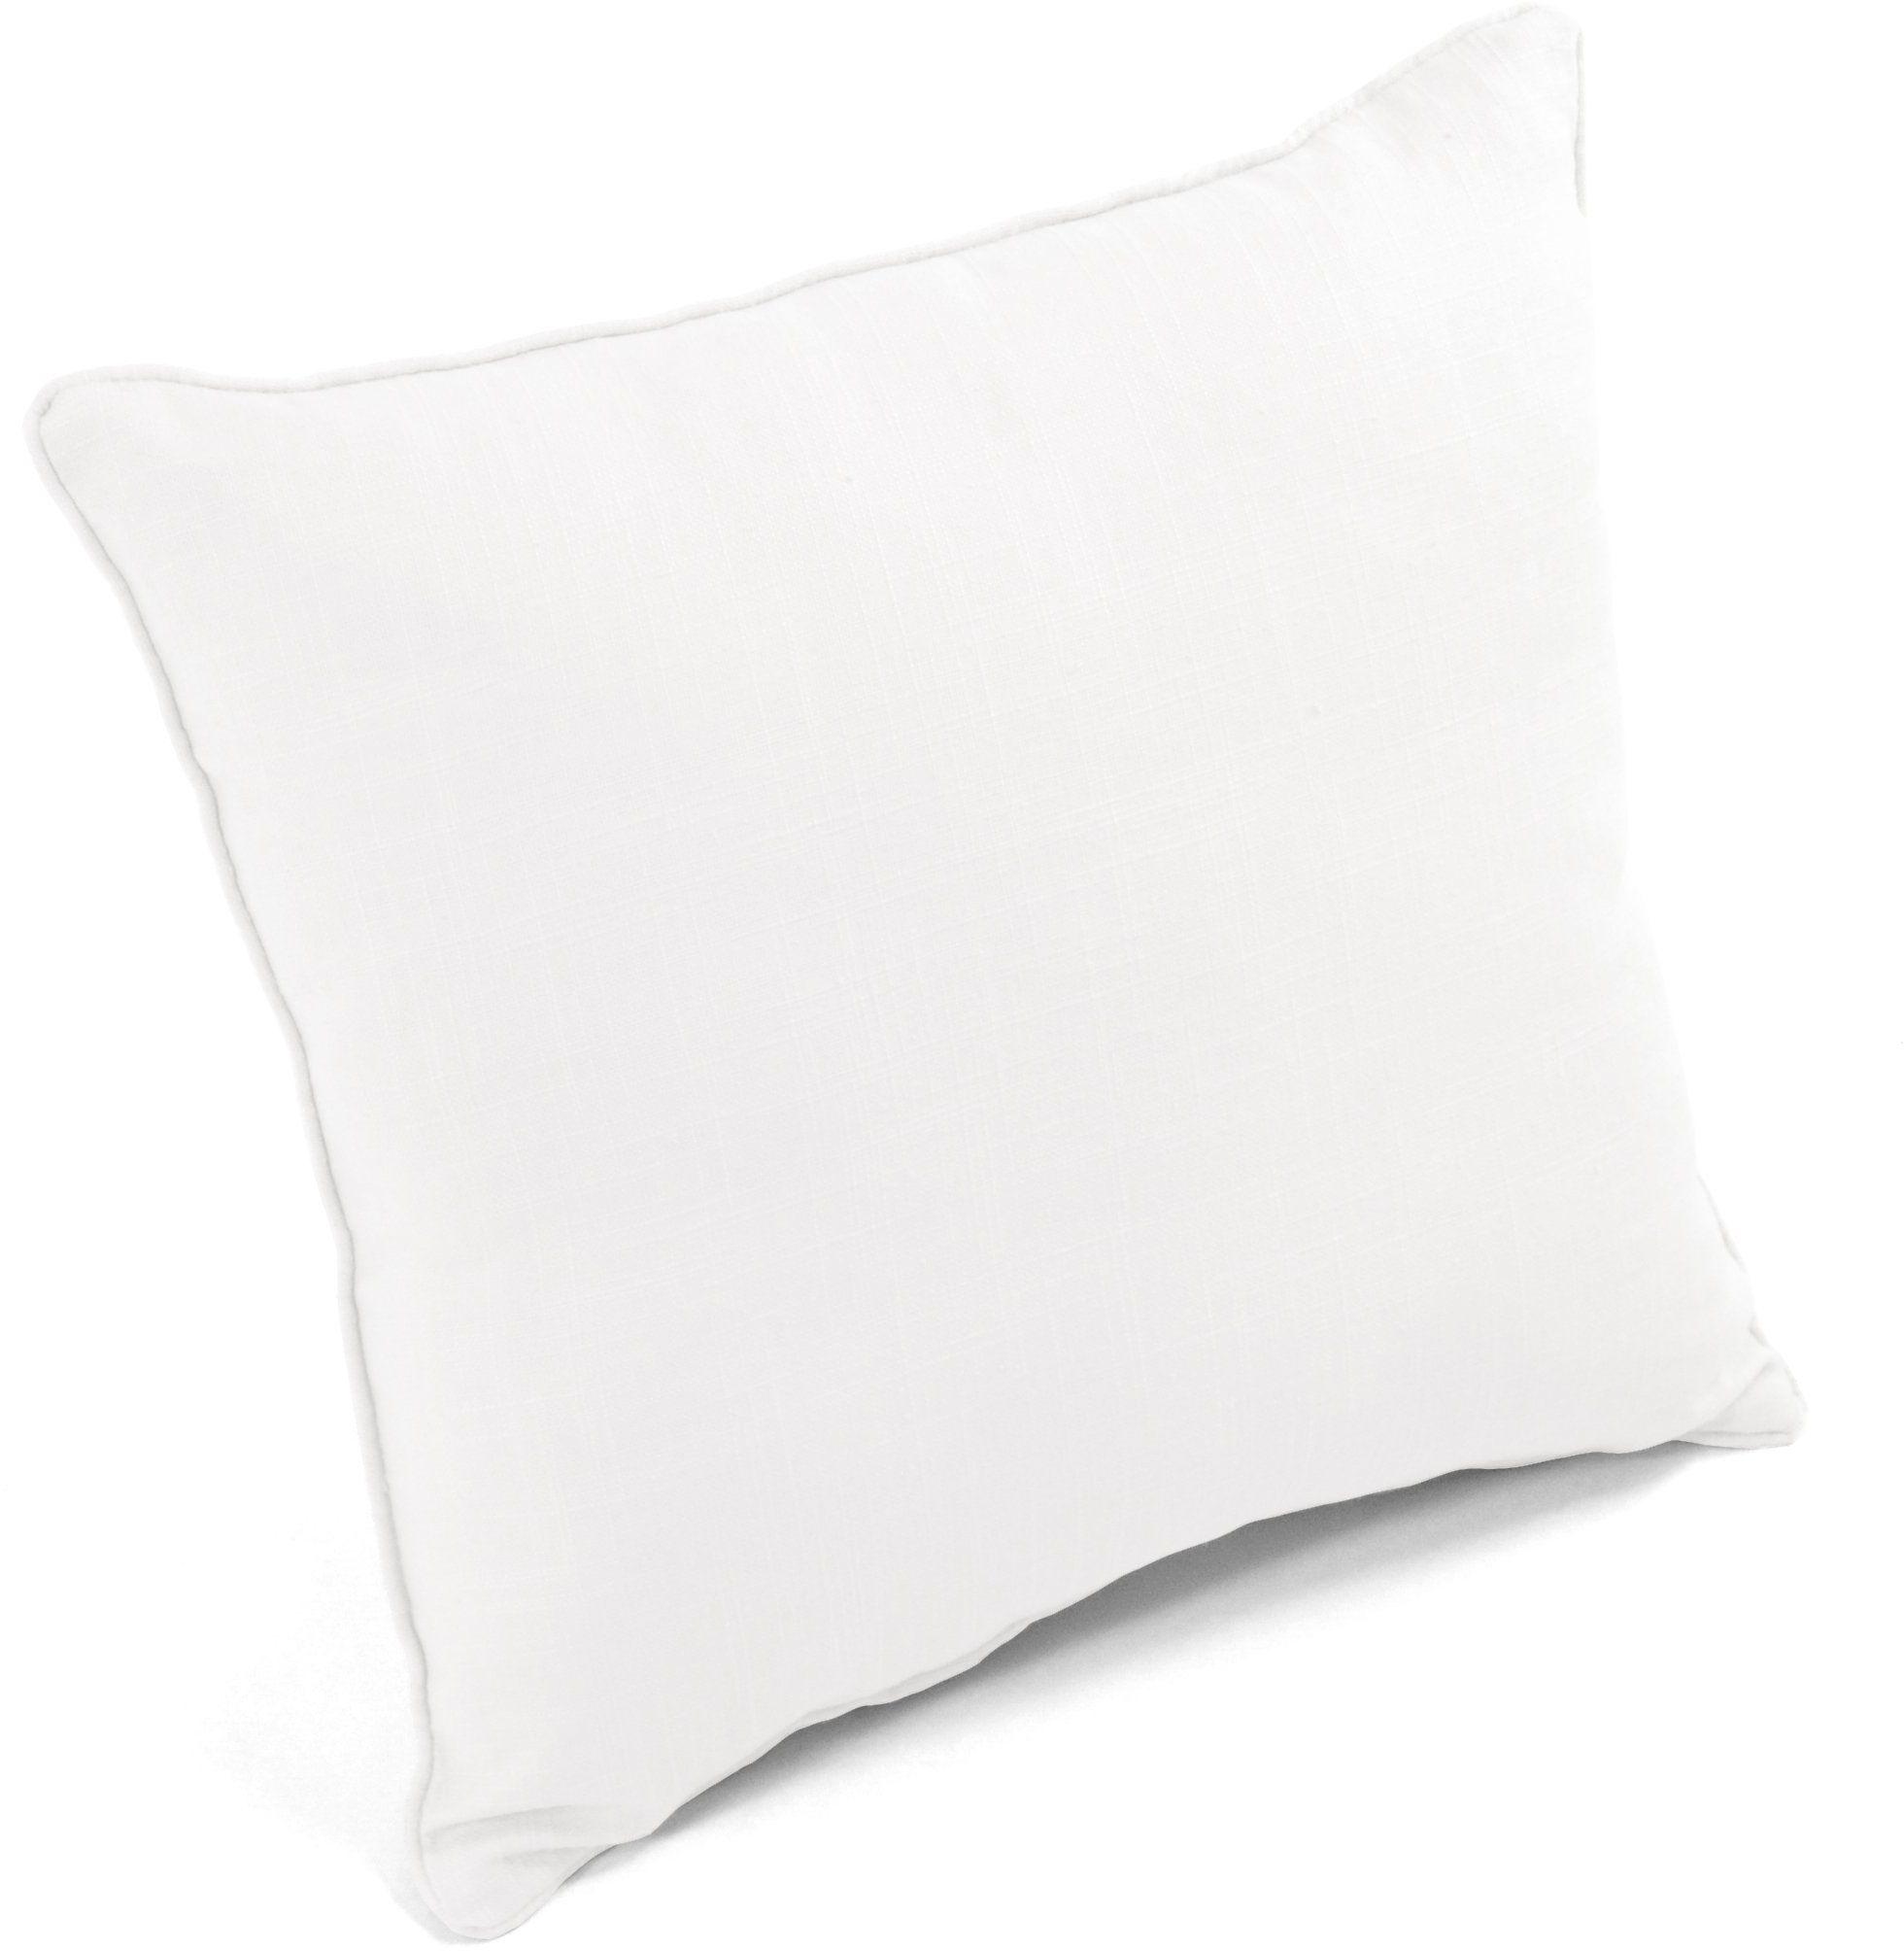 Homemaison poduszka lniana, 45 x 45 cm, biała